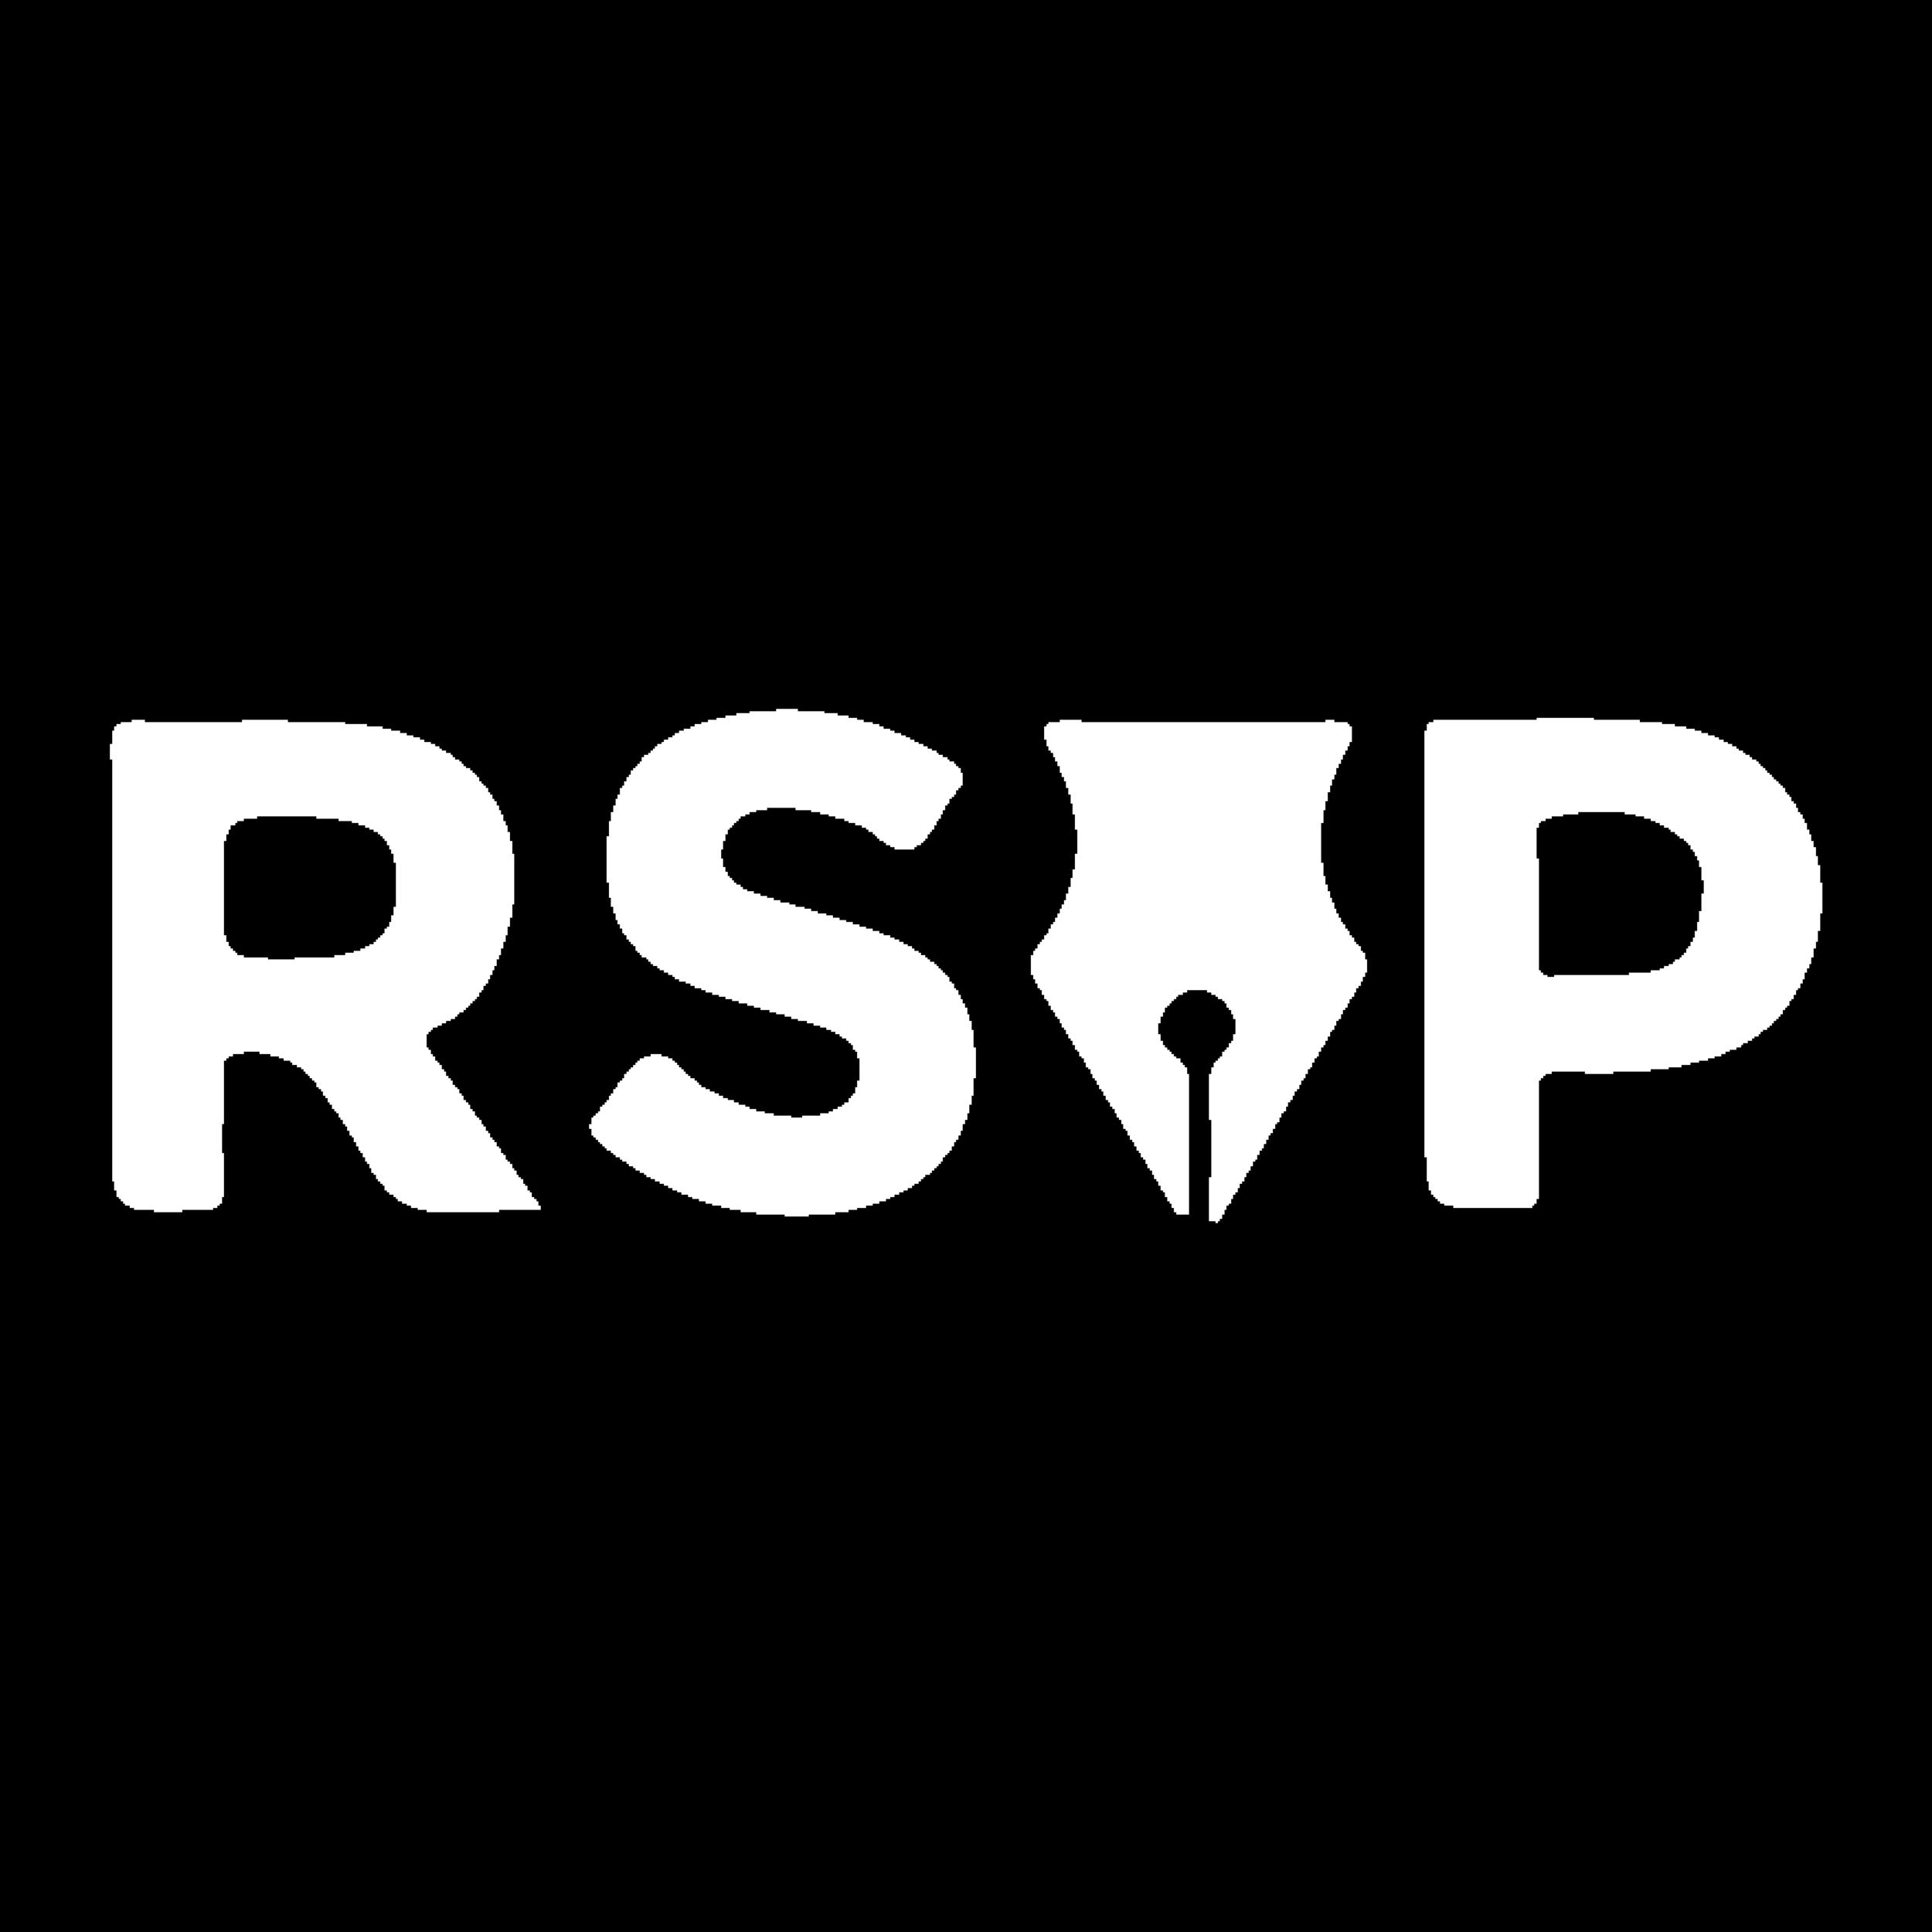 Copy of RSVP circle logo.png